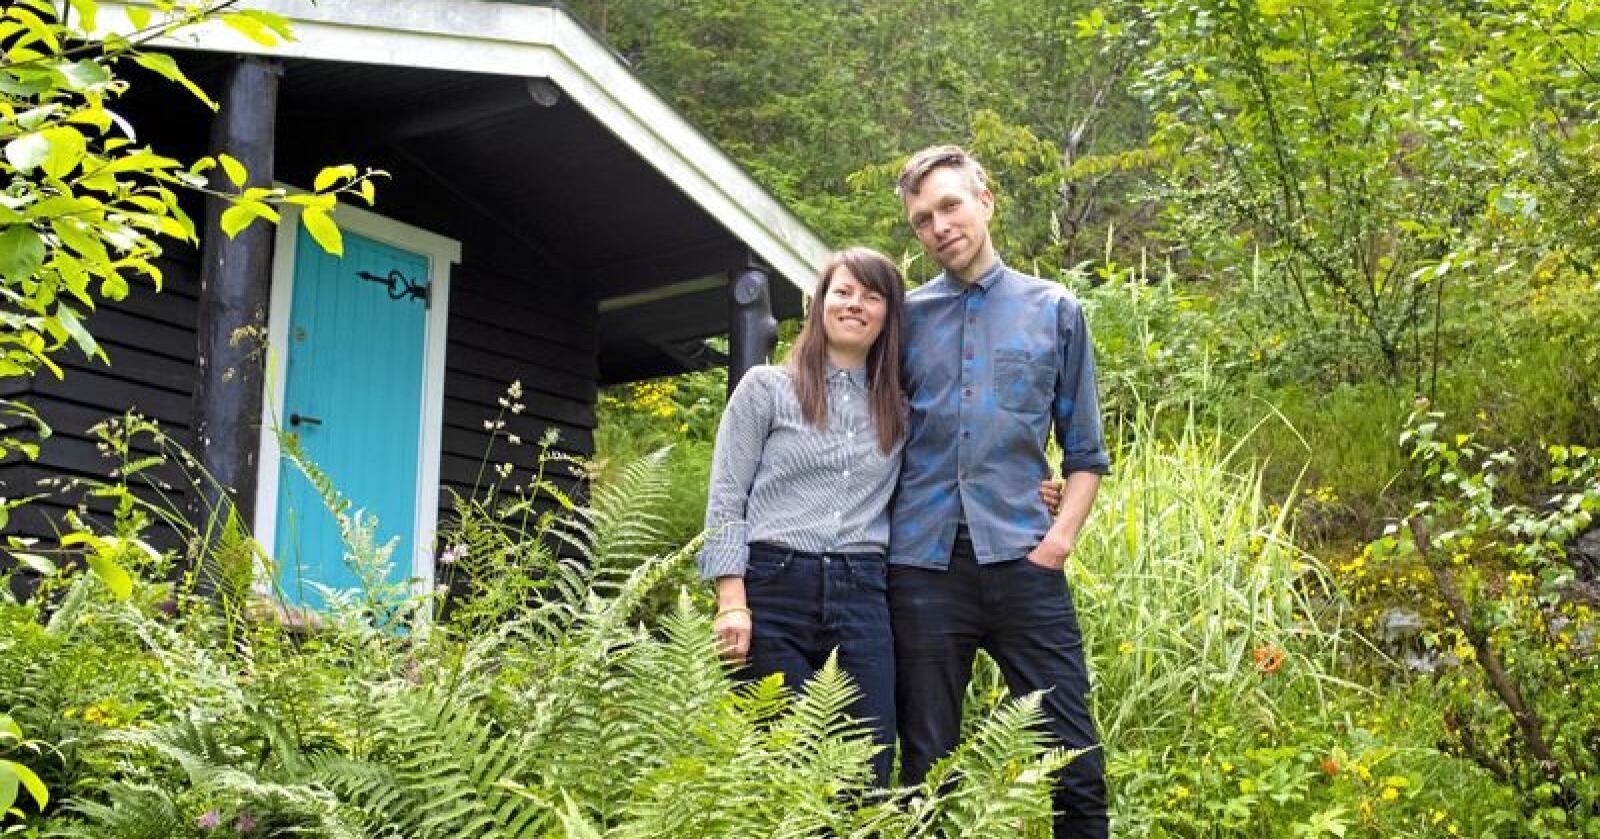 HYTTEFOLK: Tine Eide (28) og Hans Kristen Hyrve (34) selde nyleg leilegheita si i Oslo by og kjøpte seg hytte på Nesodden – ei hytte dei bruker som heilårsbustad. FOTO: Fredrik Hagen / NTB scanpix